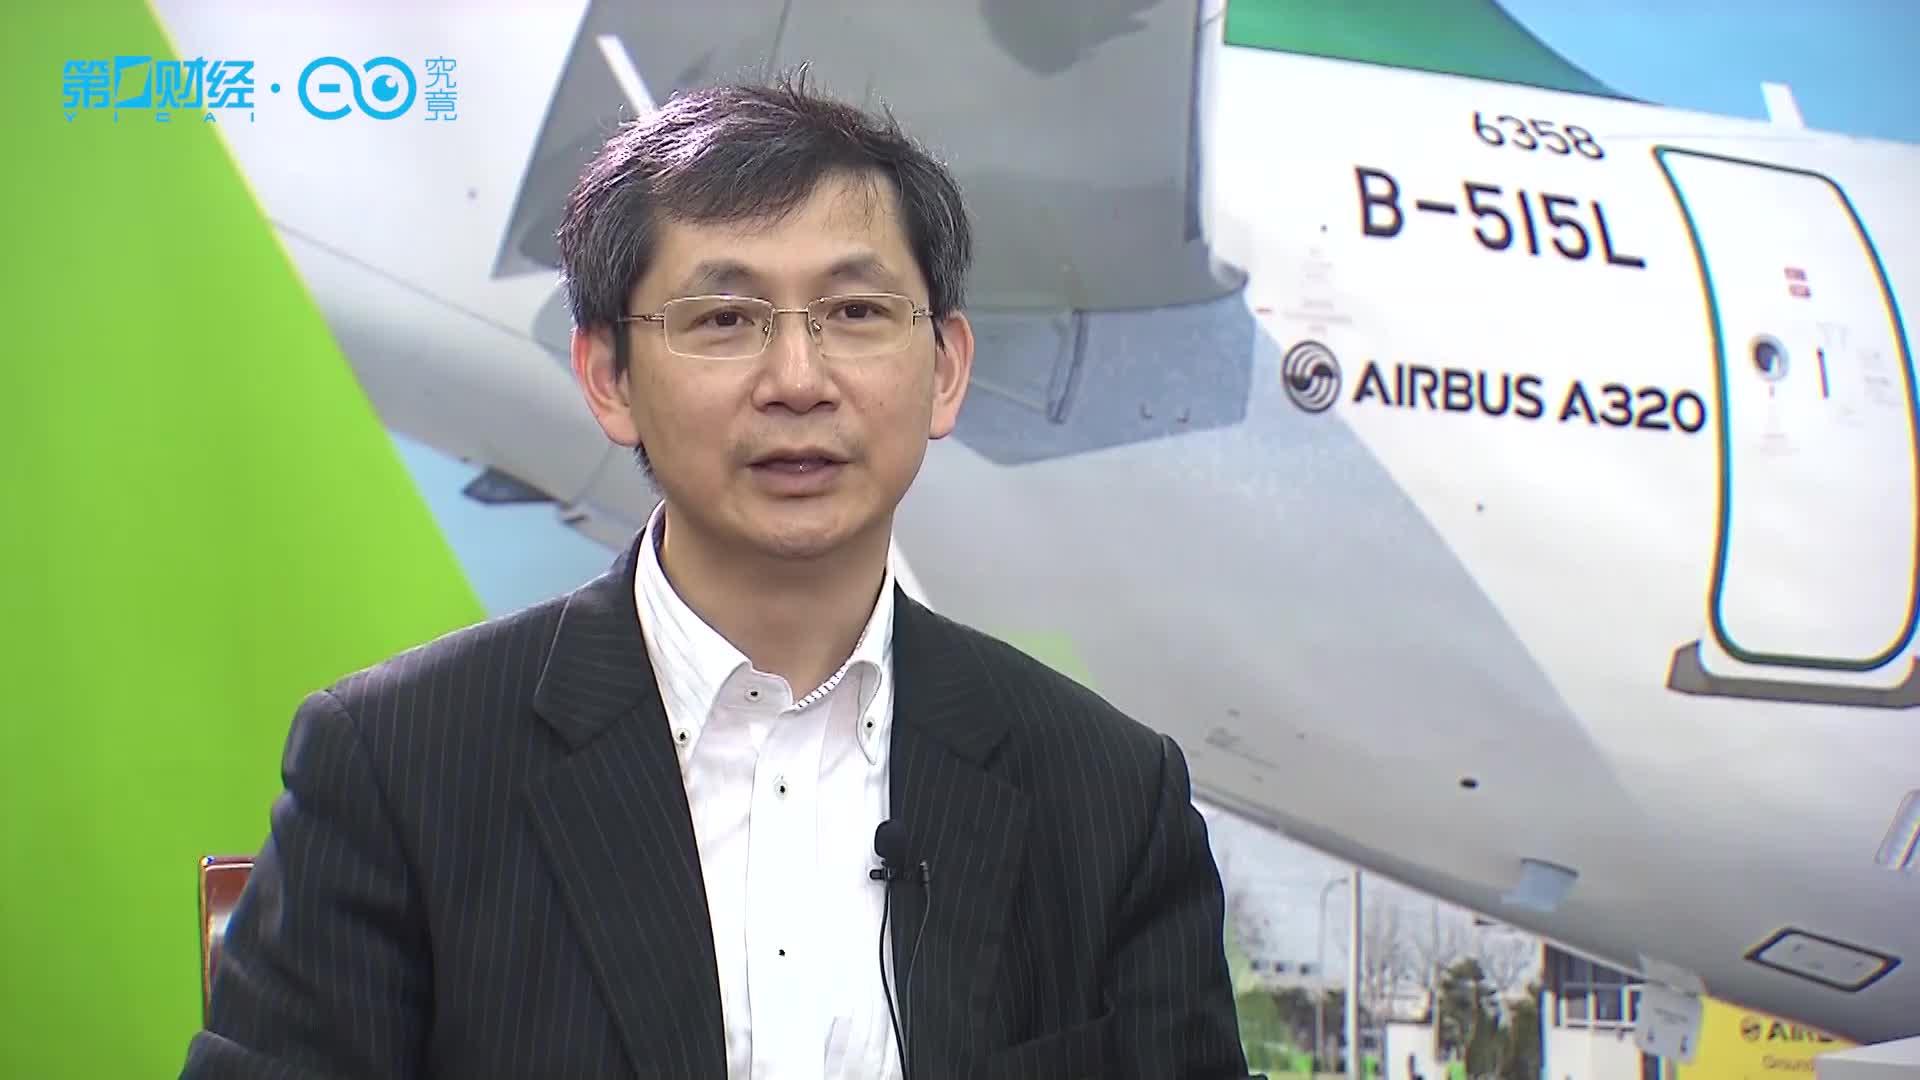 全国政协委员 、春秋航空董事长王煜:在线新经济提升航空业信息化水平 国内航空业市场依然潜力巨大丨两会问道